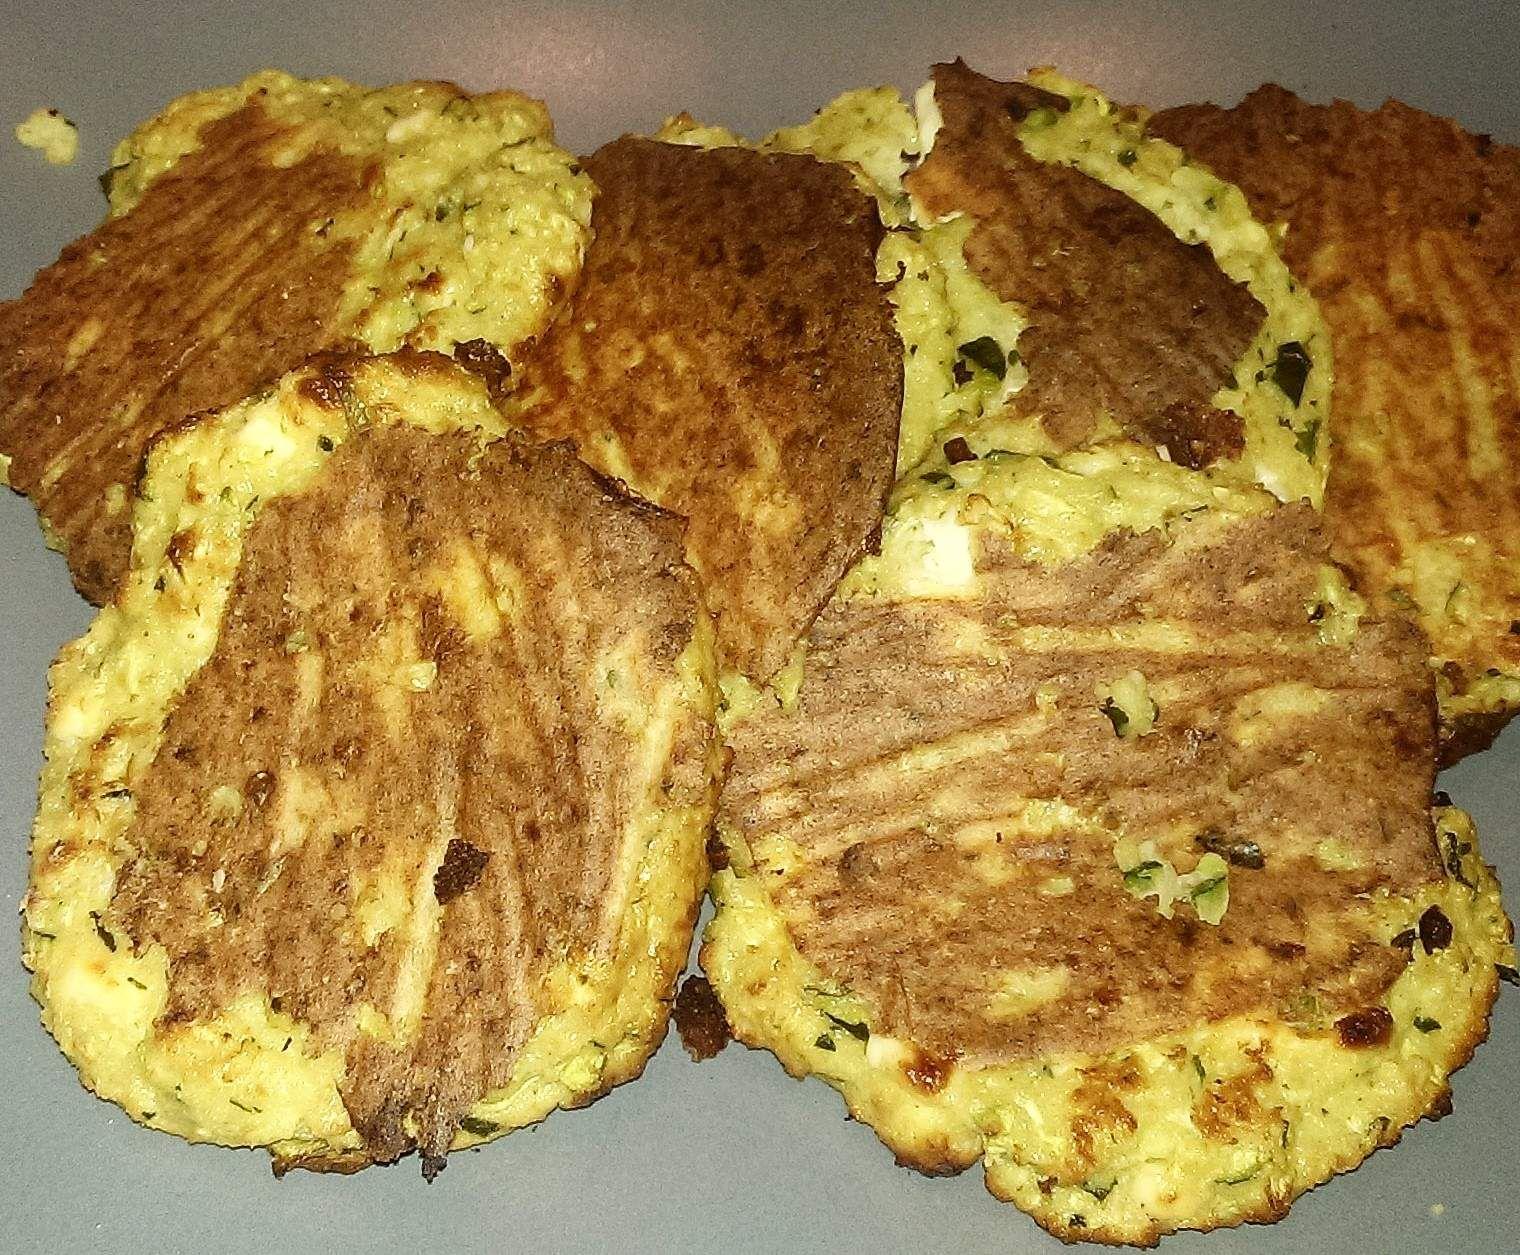 Recette Galettes courgette et Feta par biocris - recette de la catégorie Plats végétariens